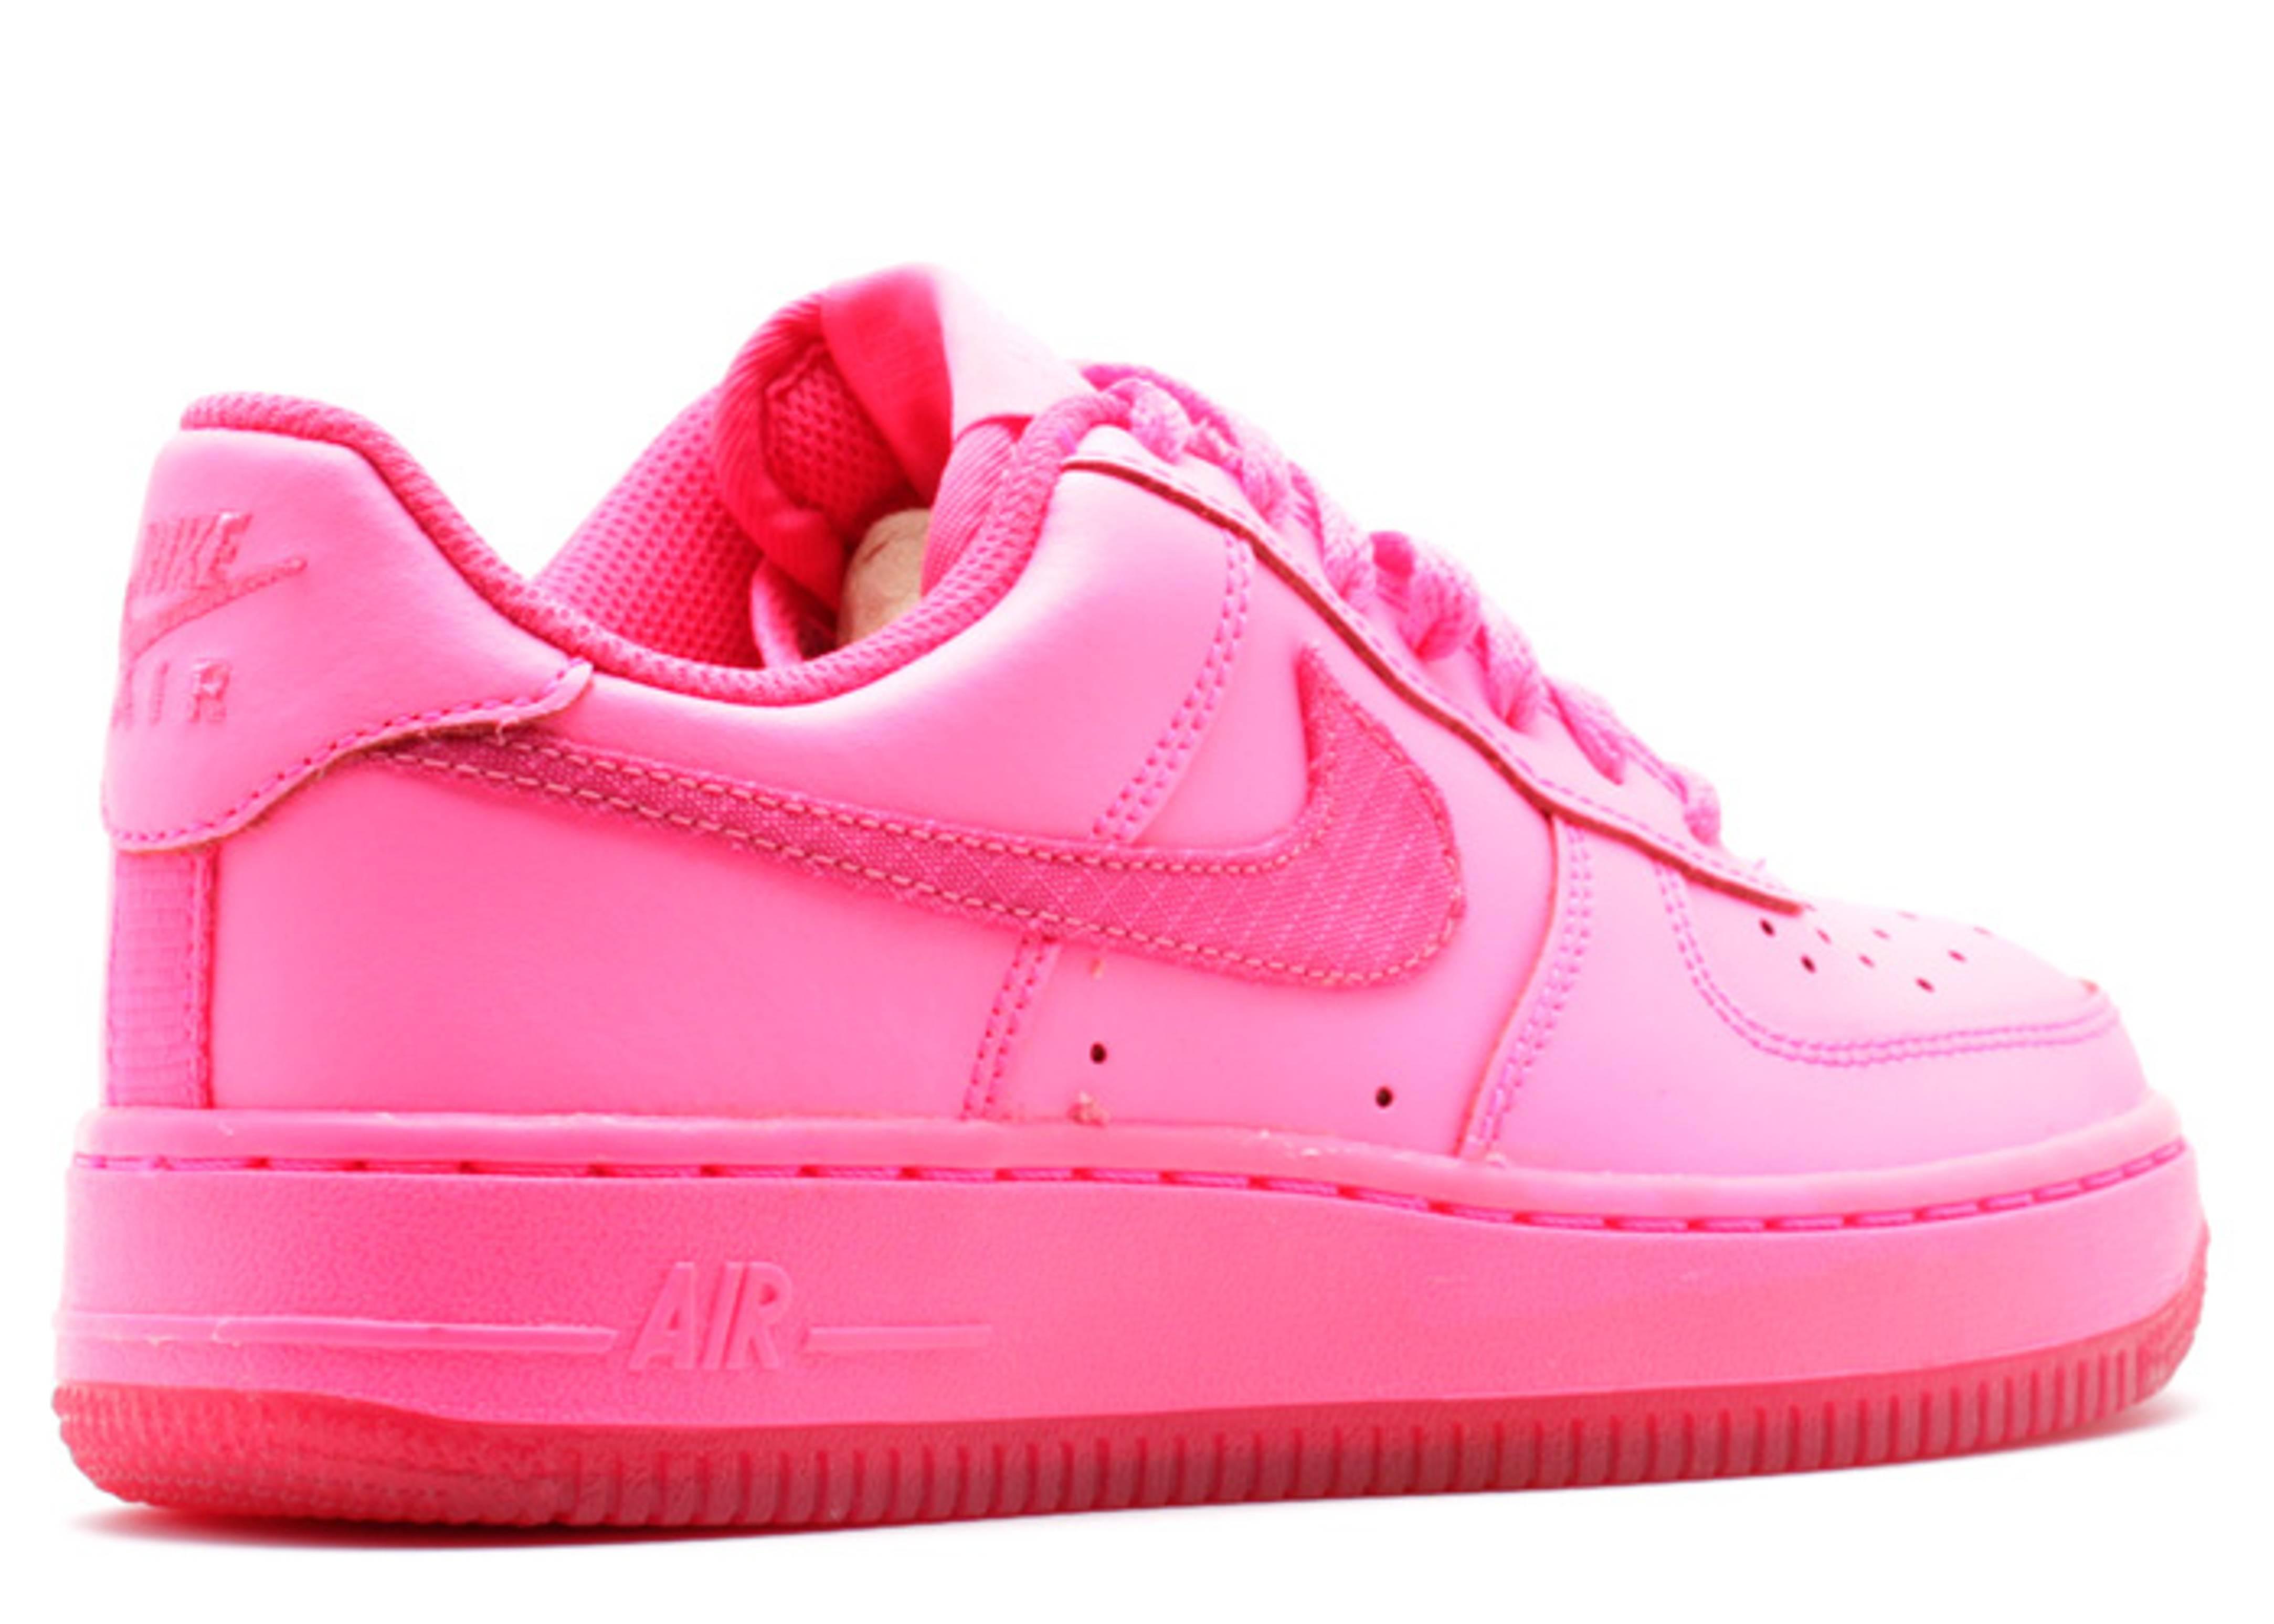 air force 1 gs nike 314219 602 hyper pink vivid. Black Bedroom Furniture Sets. Home Design Ideas